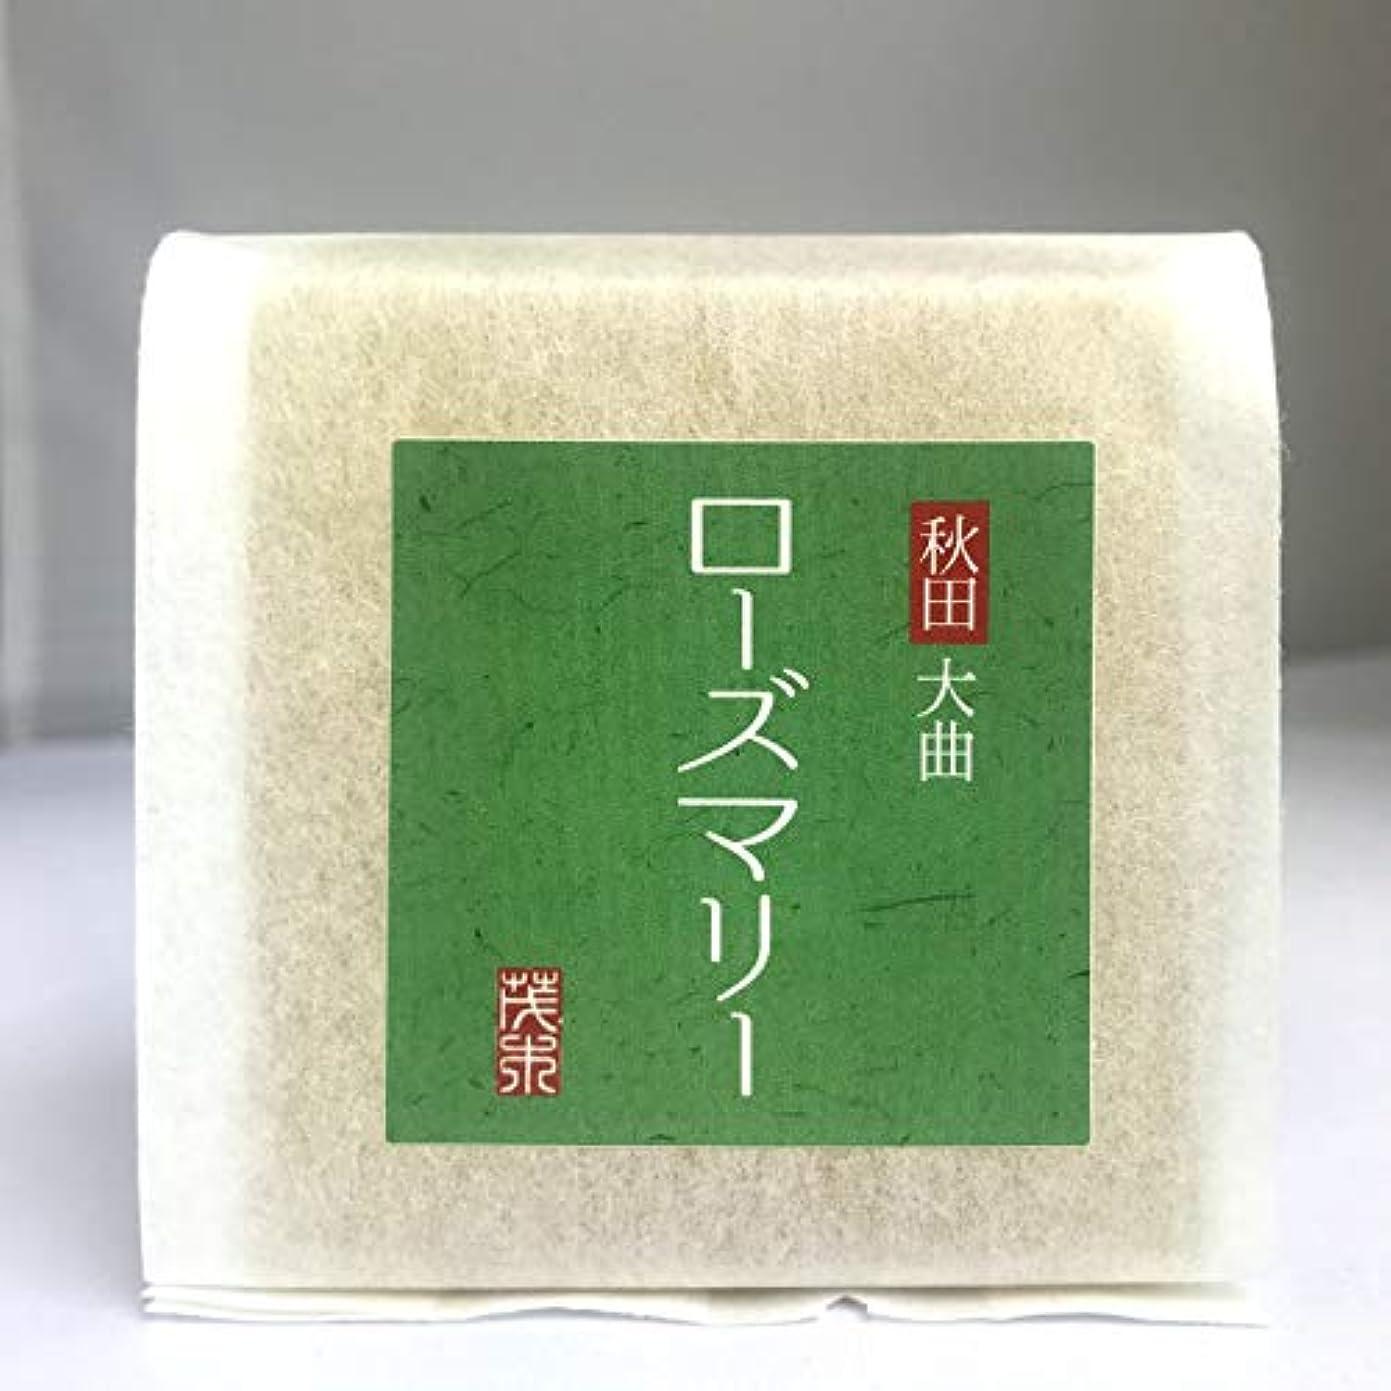 謎めいた靄おもしろい無添加石鹸 ローズマリー石鹸 100g